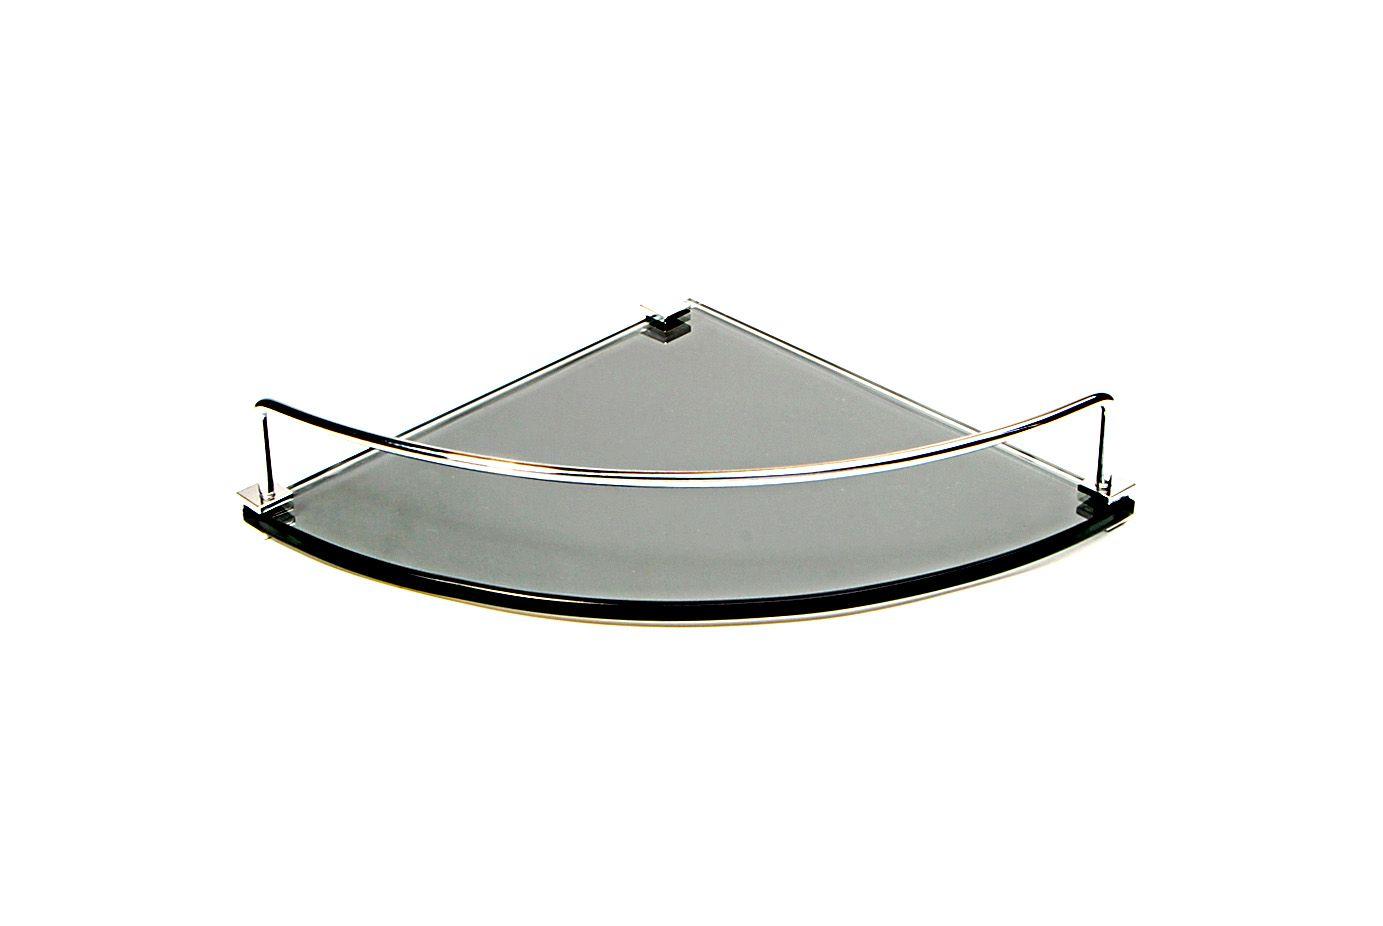 Porta Shampoo Canto Curvo em Vidro Refletivo Lapidado - Aquabox  - 25cmx25cmx8mm